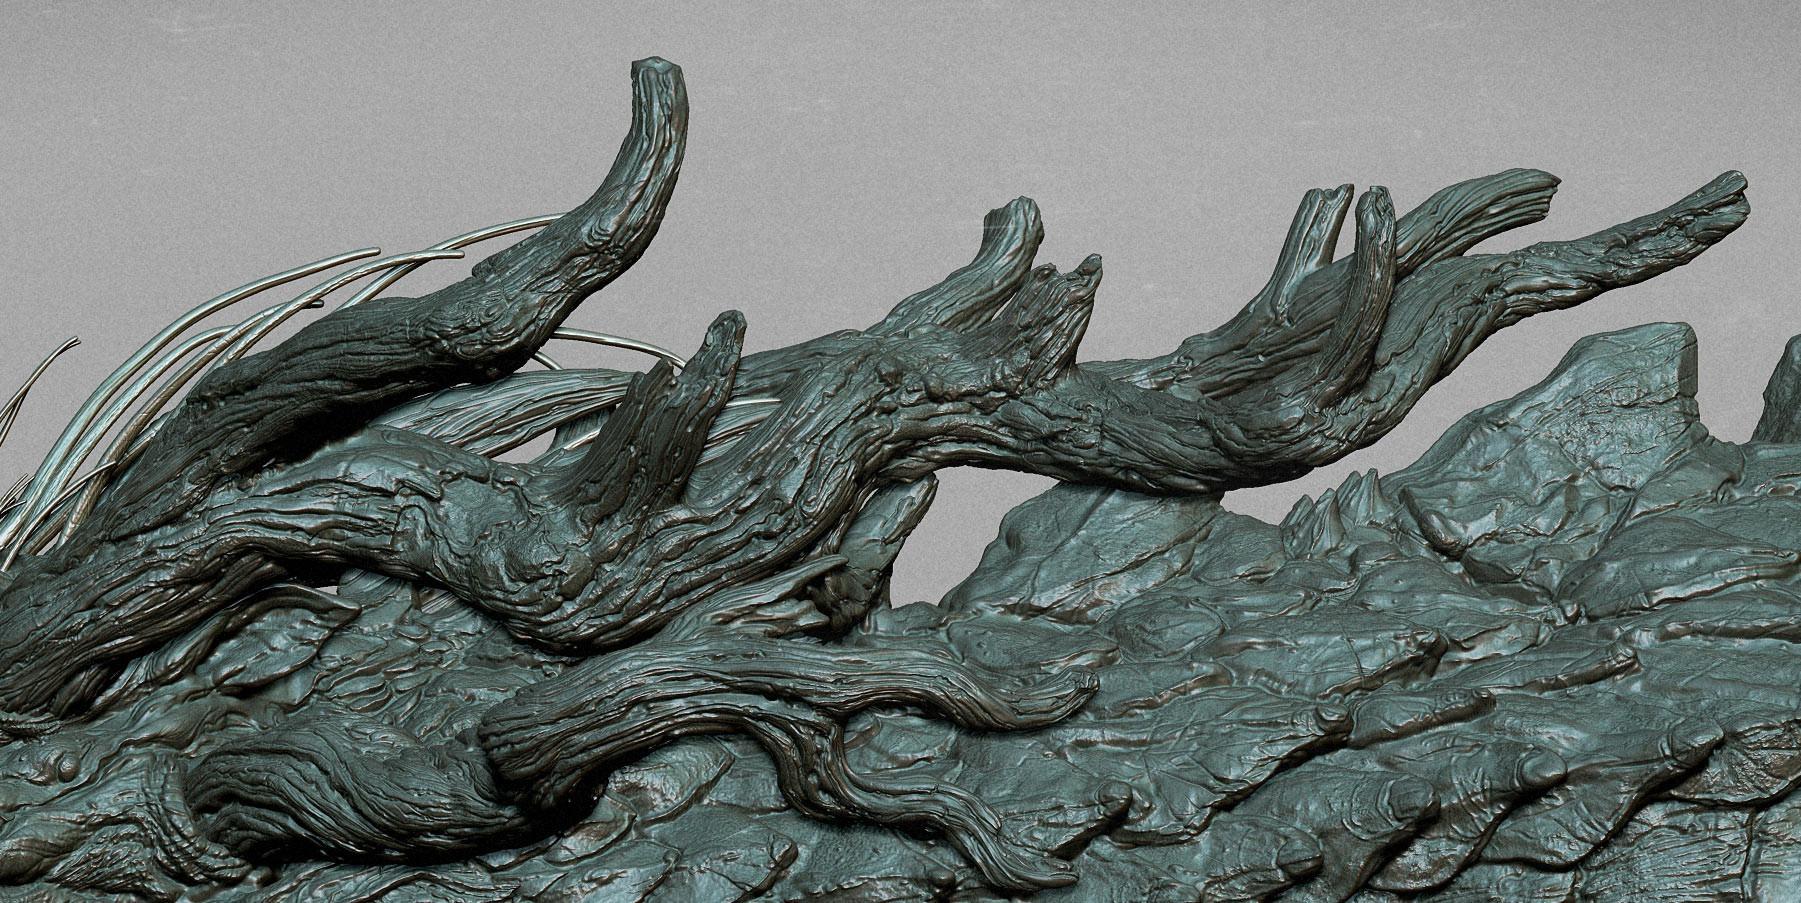 Zhelong xu terada s dragon girl detail 2